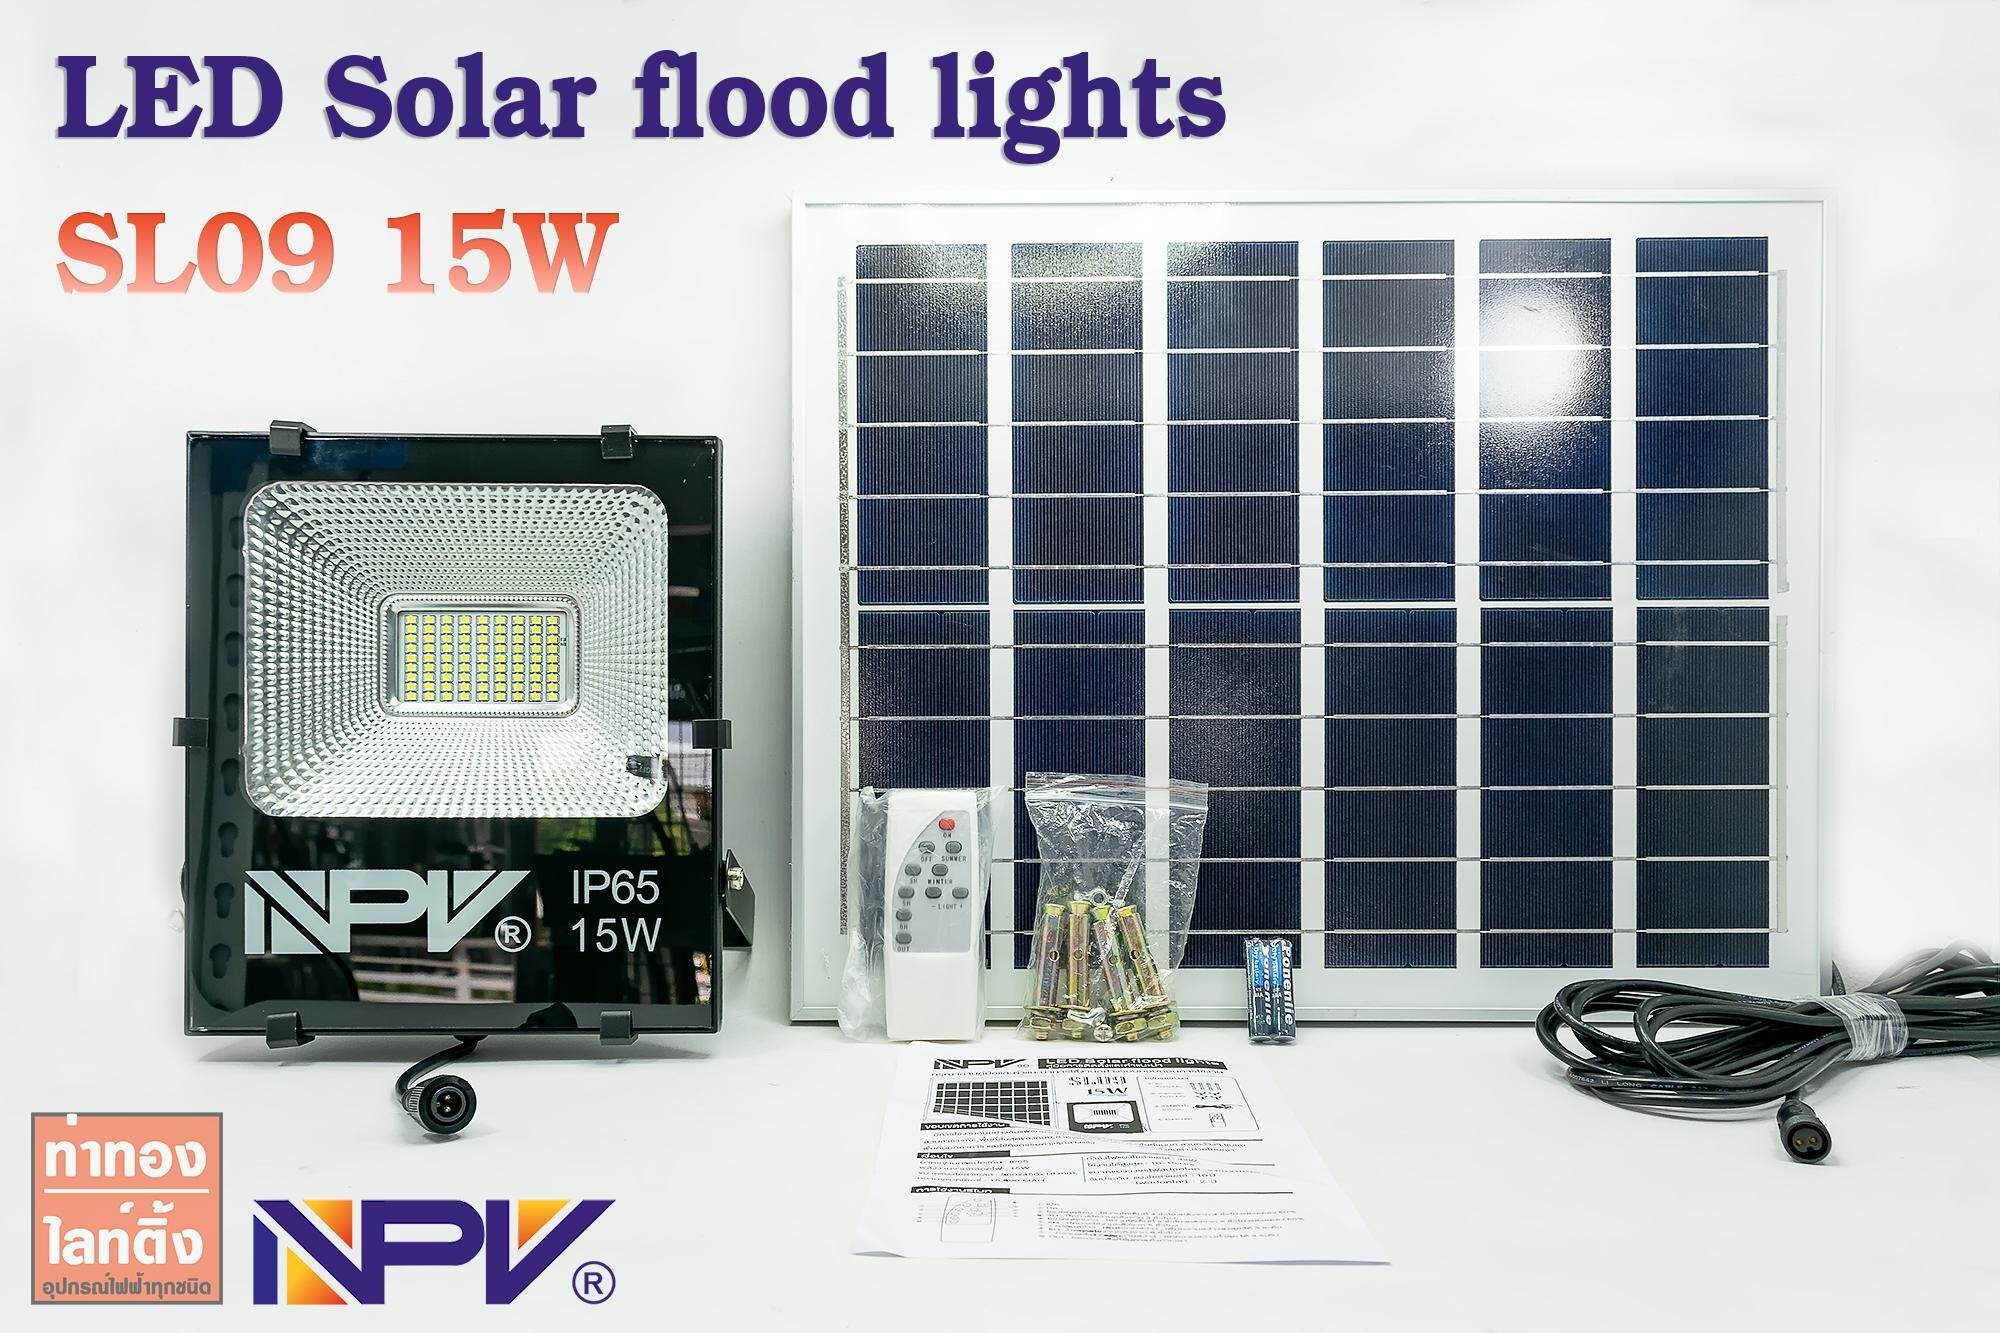 Solar Cell Flood Lights Solar Light 15w Npv โคมไฟโซล่าเซลล์ โคมสปอตไลท์โซล่าเซลล์ โคมติดผนัง โคมไฟพลังงานแสงอาทิตย์ เปิด-ปิด อัตโนมัติ รับประกัน 10 ปี By Tathonglighting.